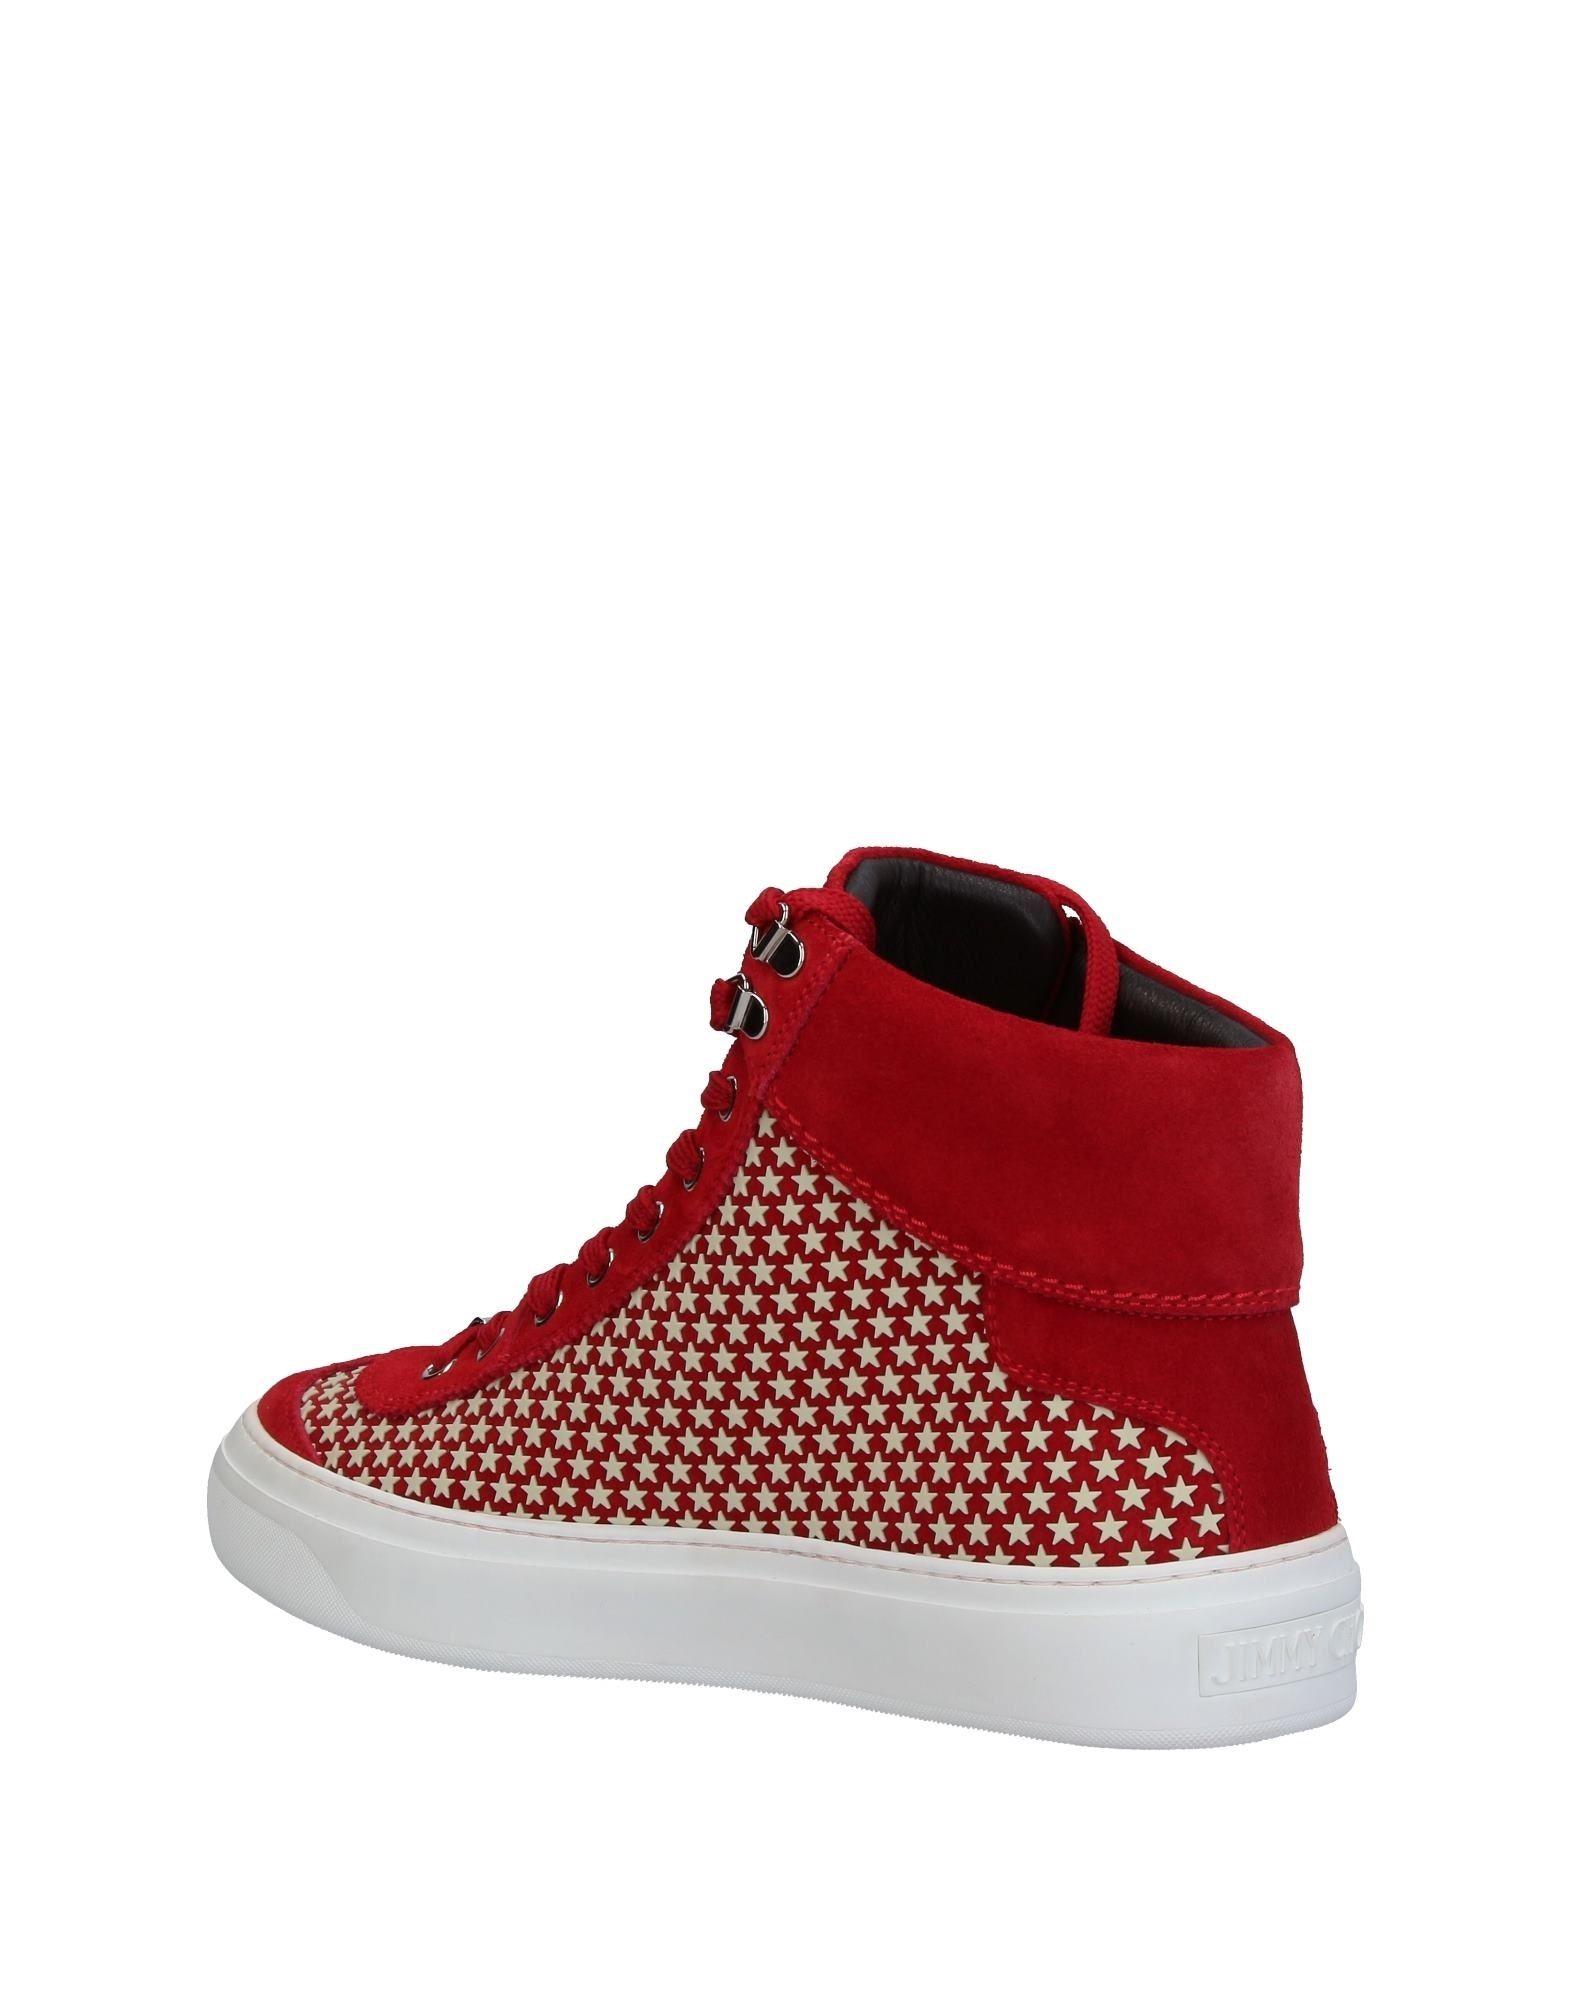 Jimmy Choo Sneakers Herren    11403588EN 50ac53